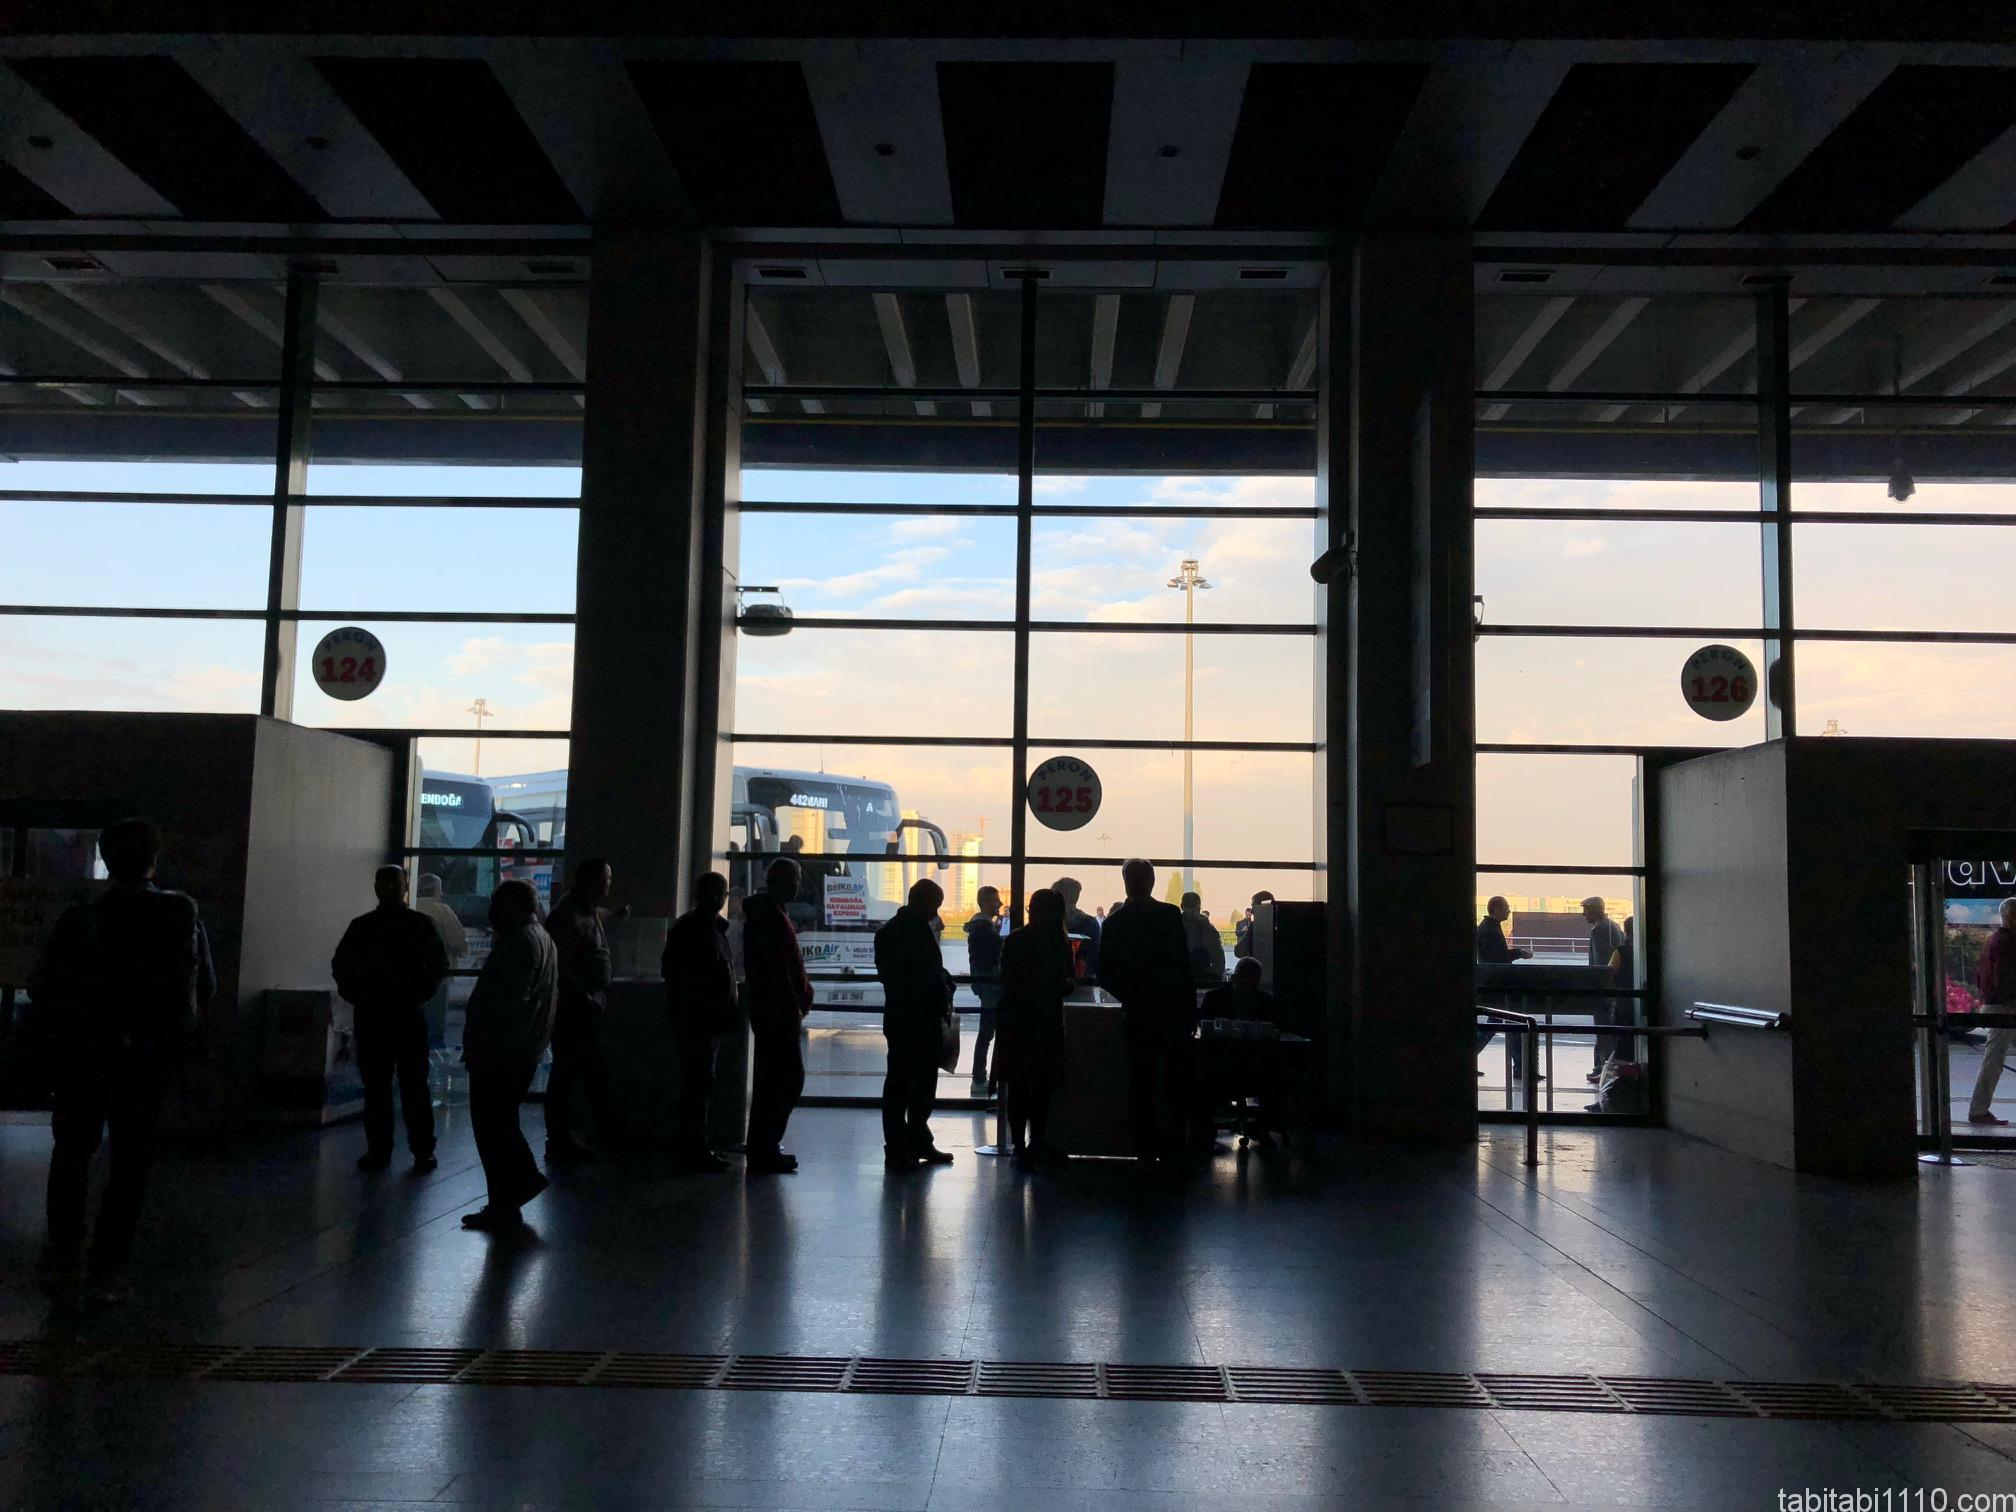 アンカラ市内からエセンボーア国際空港